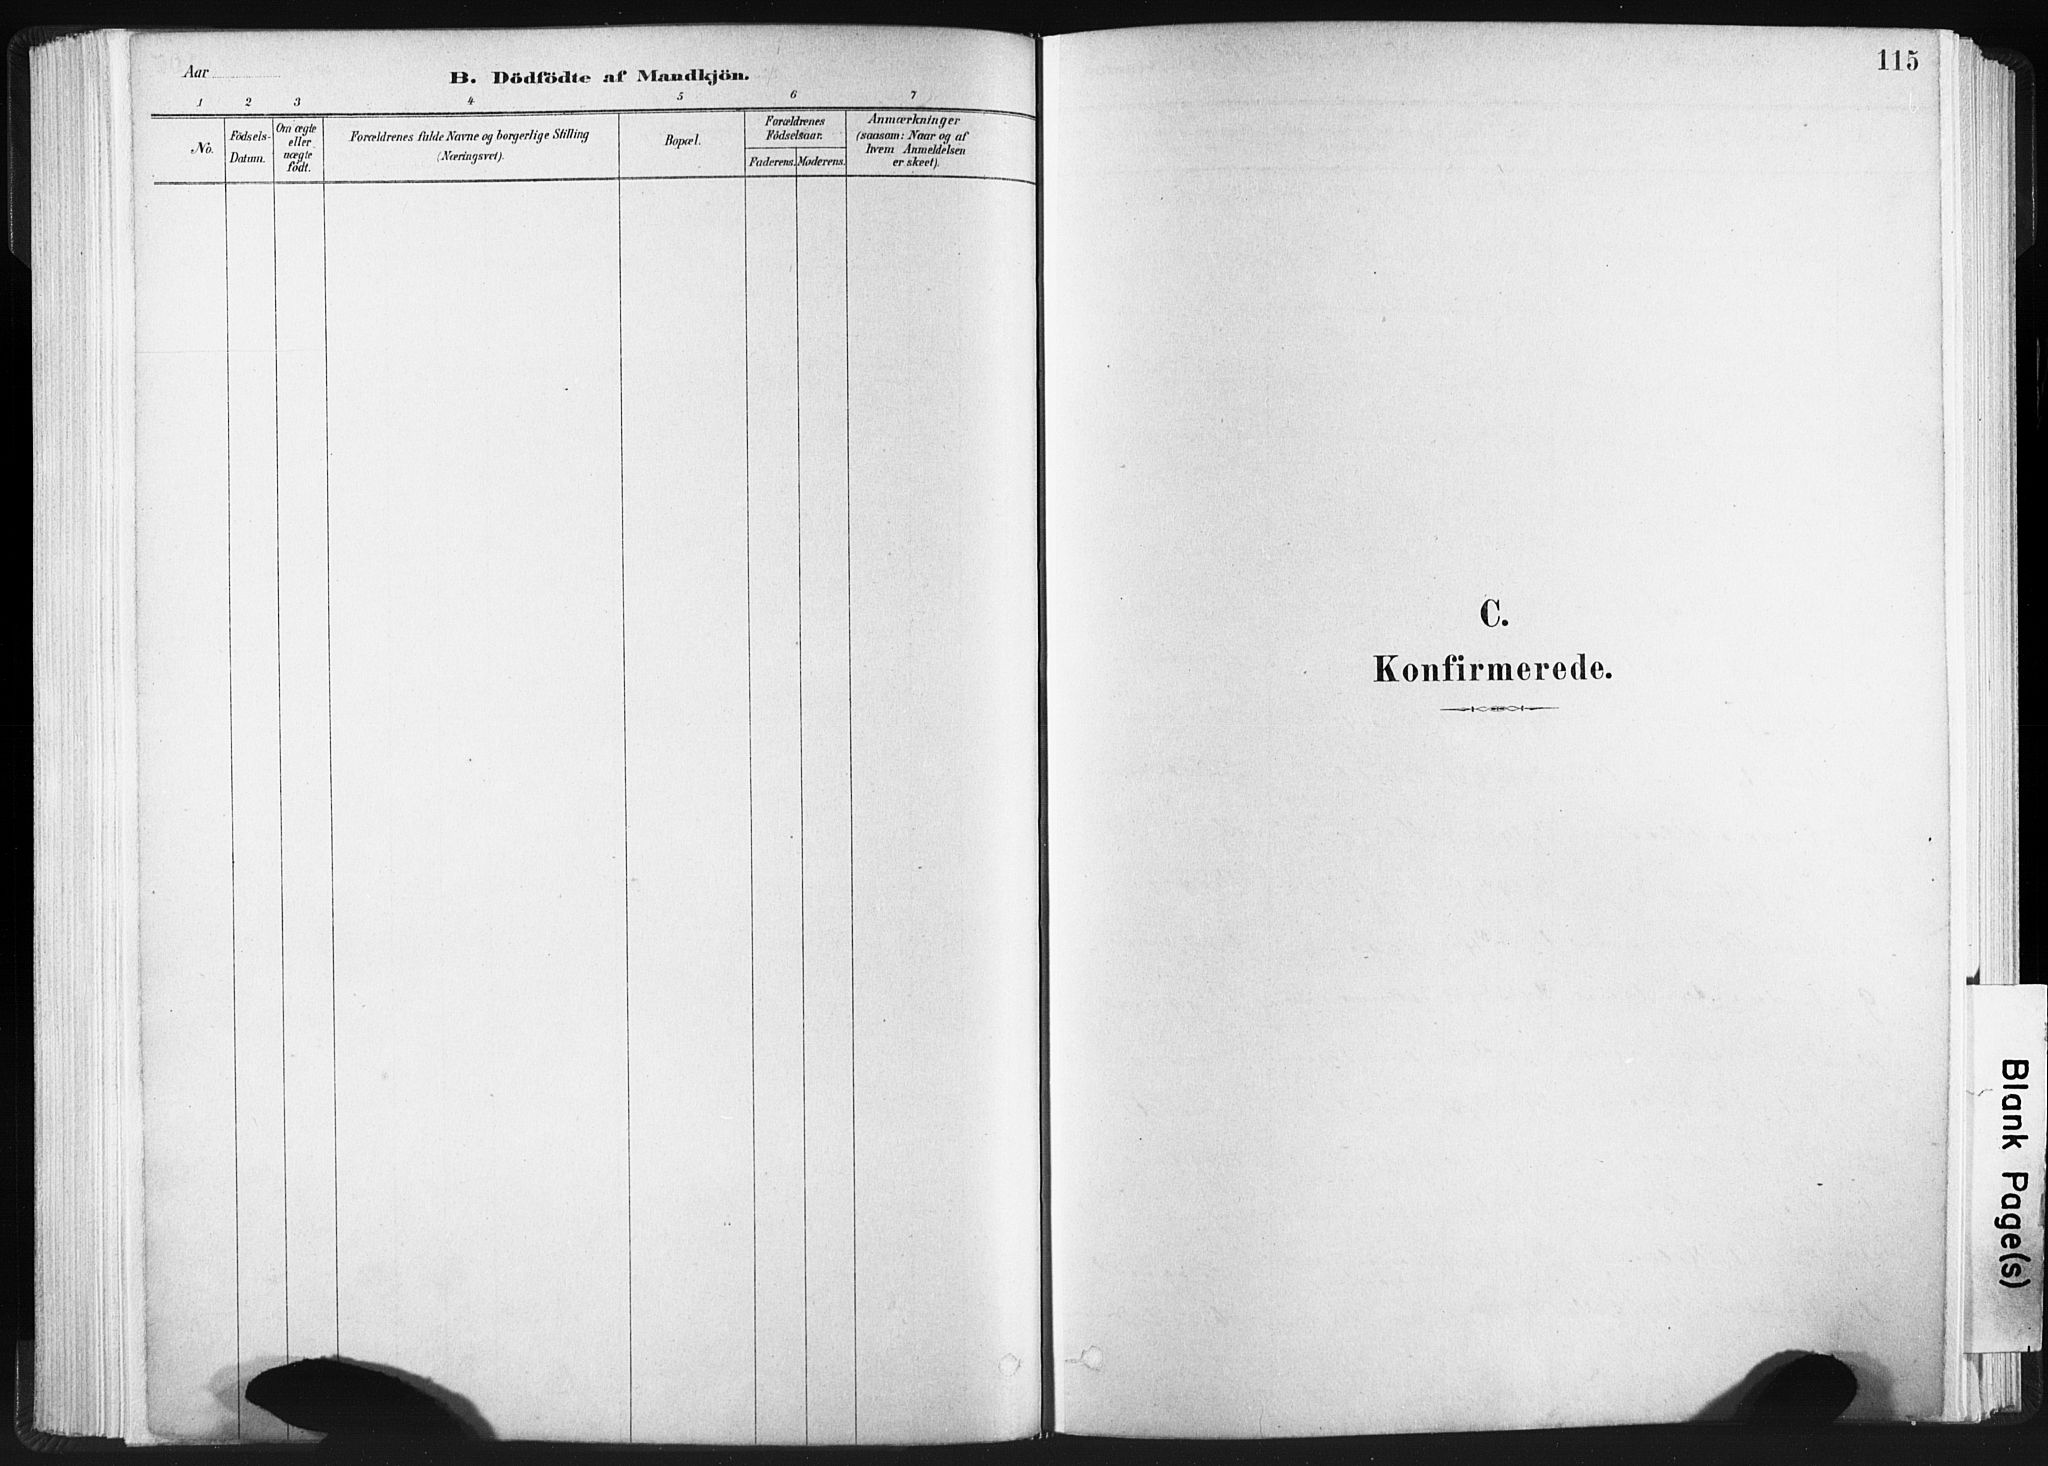 SAT, Ministerialprotokoller, klokkerbøker og fødselsregistre - Sør-Trøndelag, 665/L0773: Ministerialbok nr. 665A08, 1879-1905, s. 115